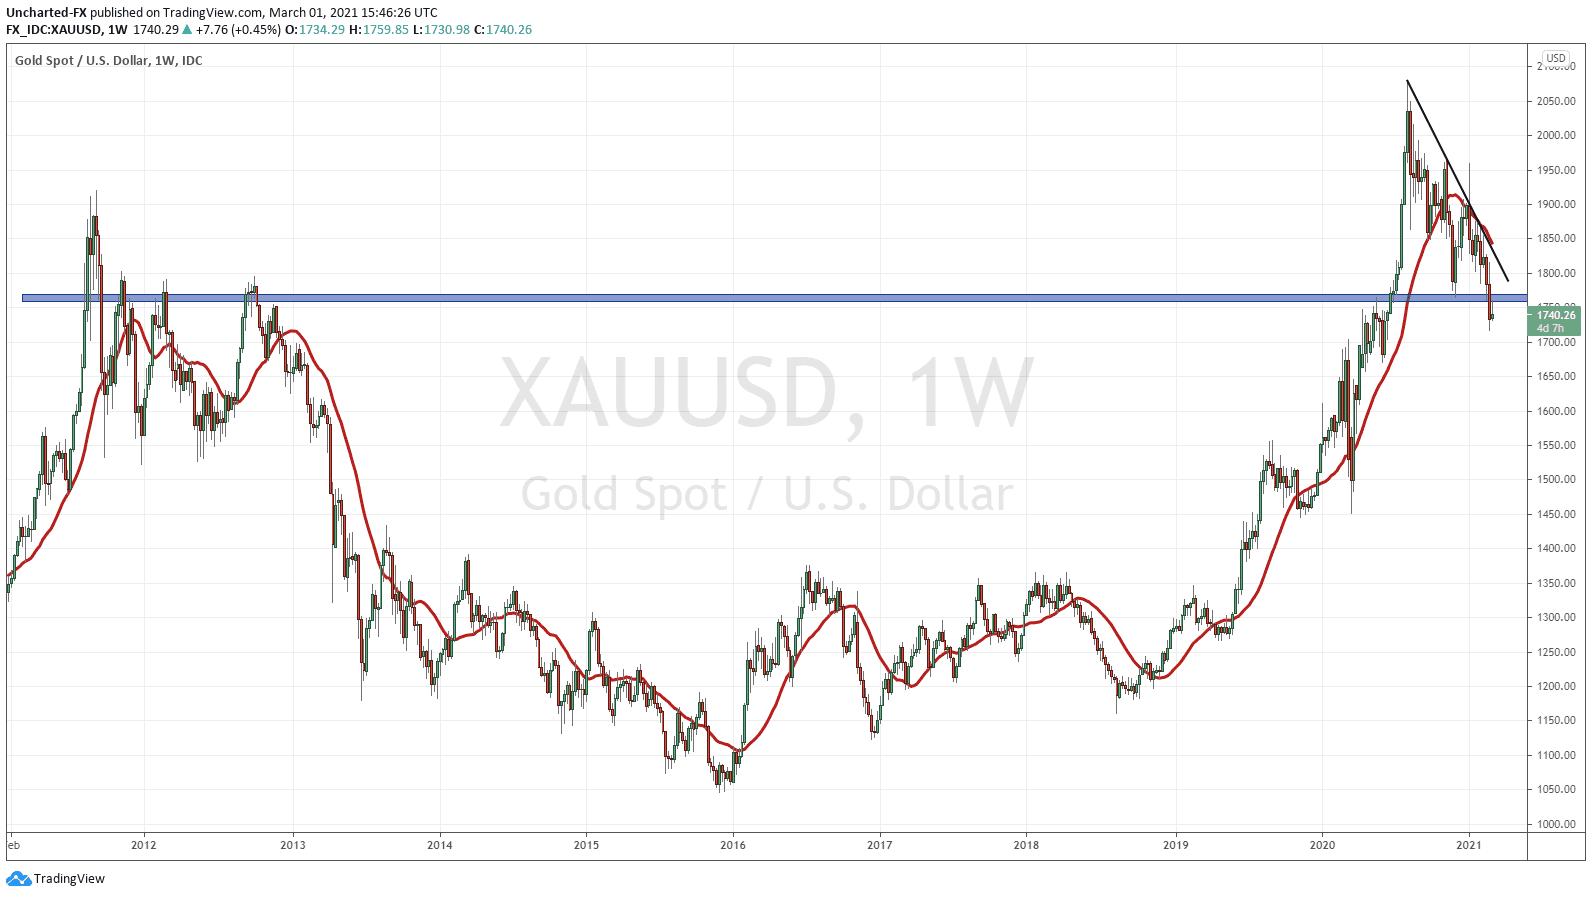 Gold Price Weekly Breakdown